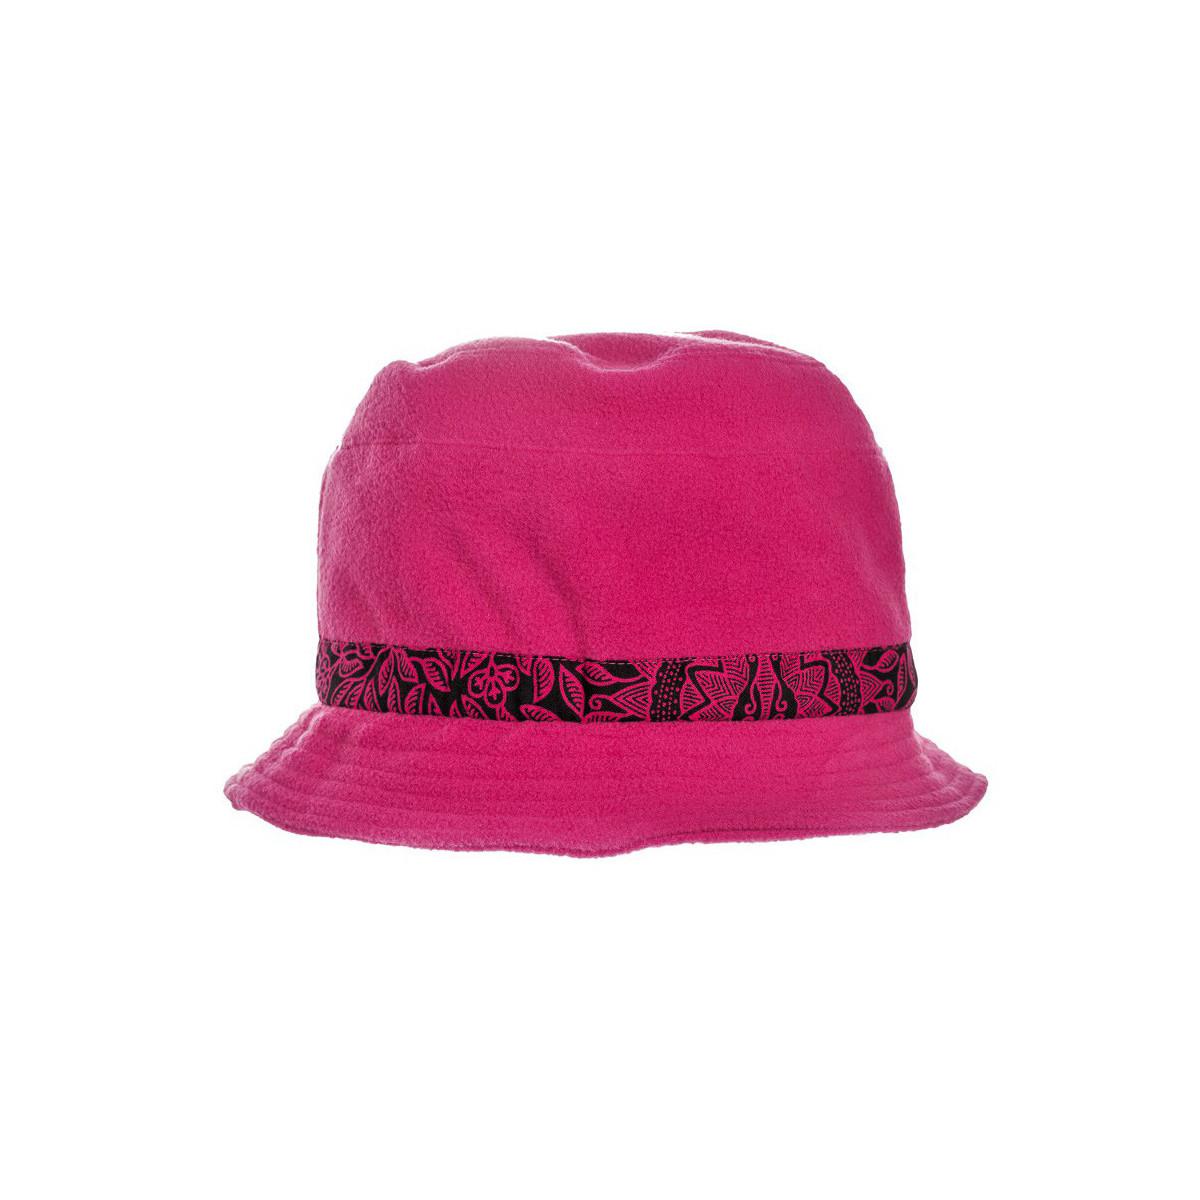 Chapeau polaire rose et noir